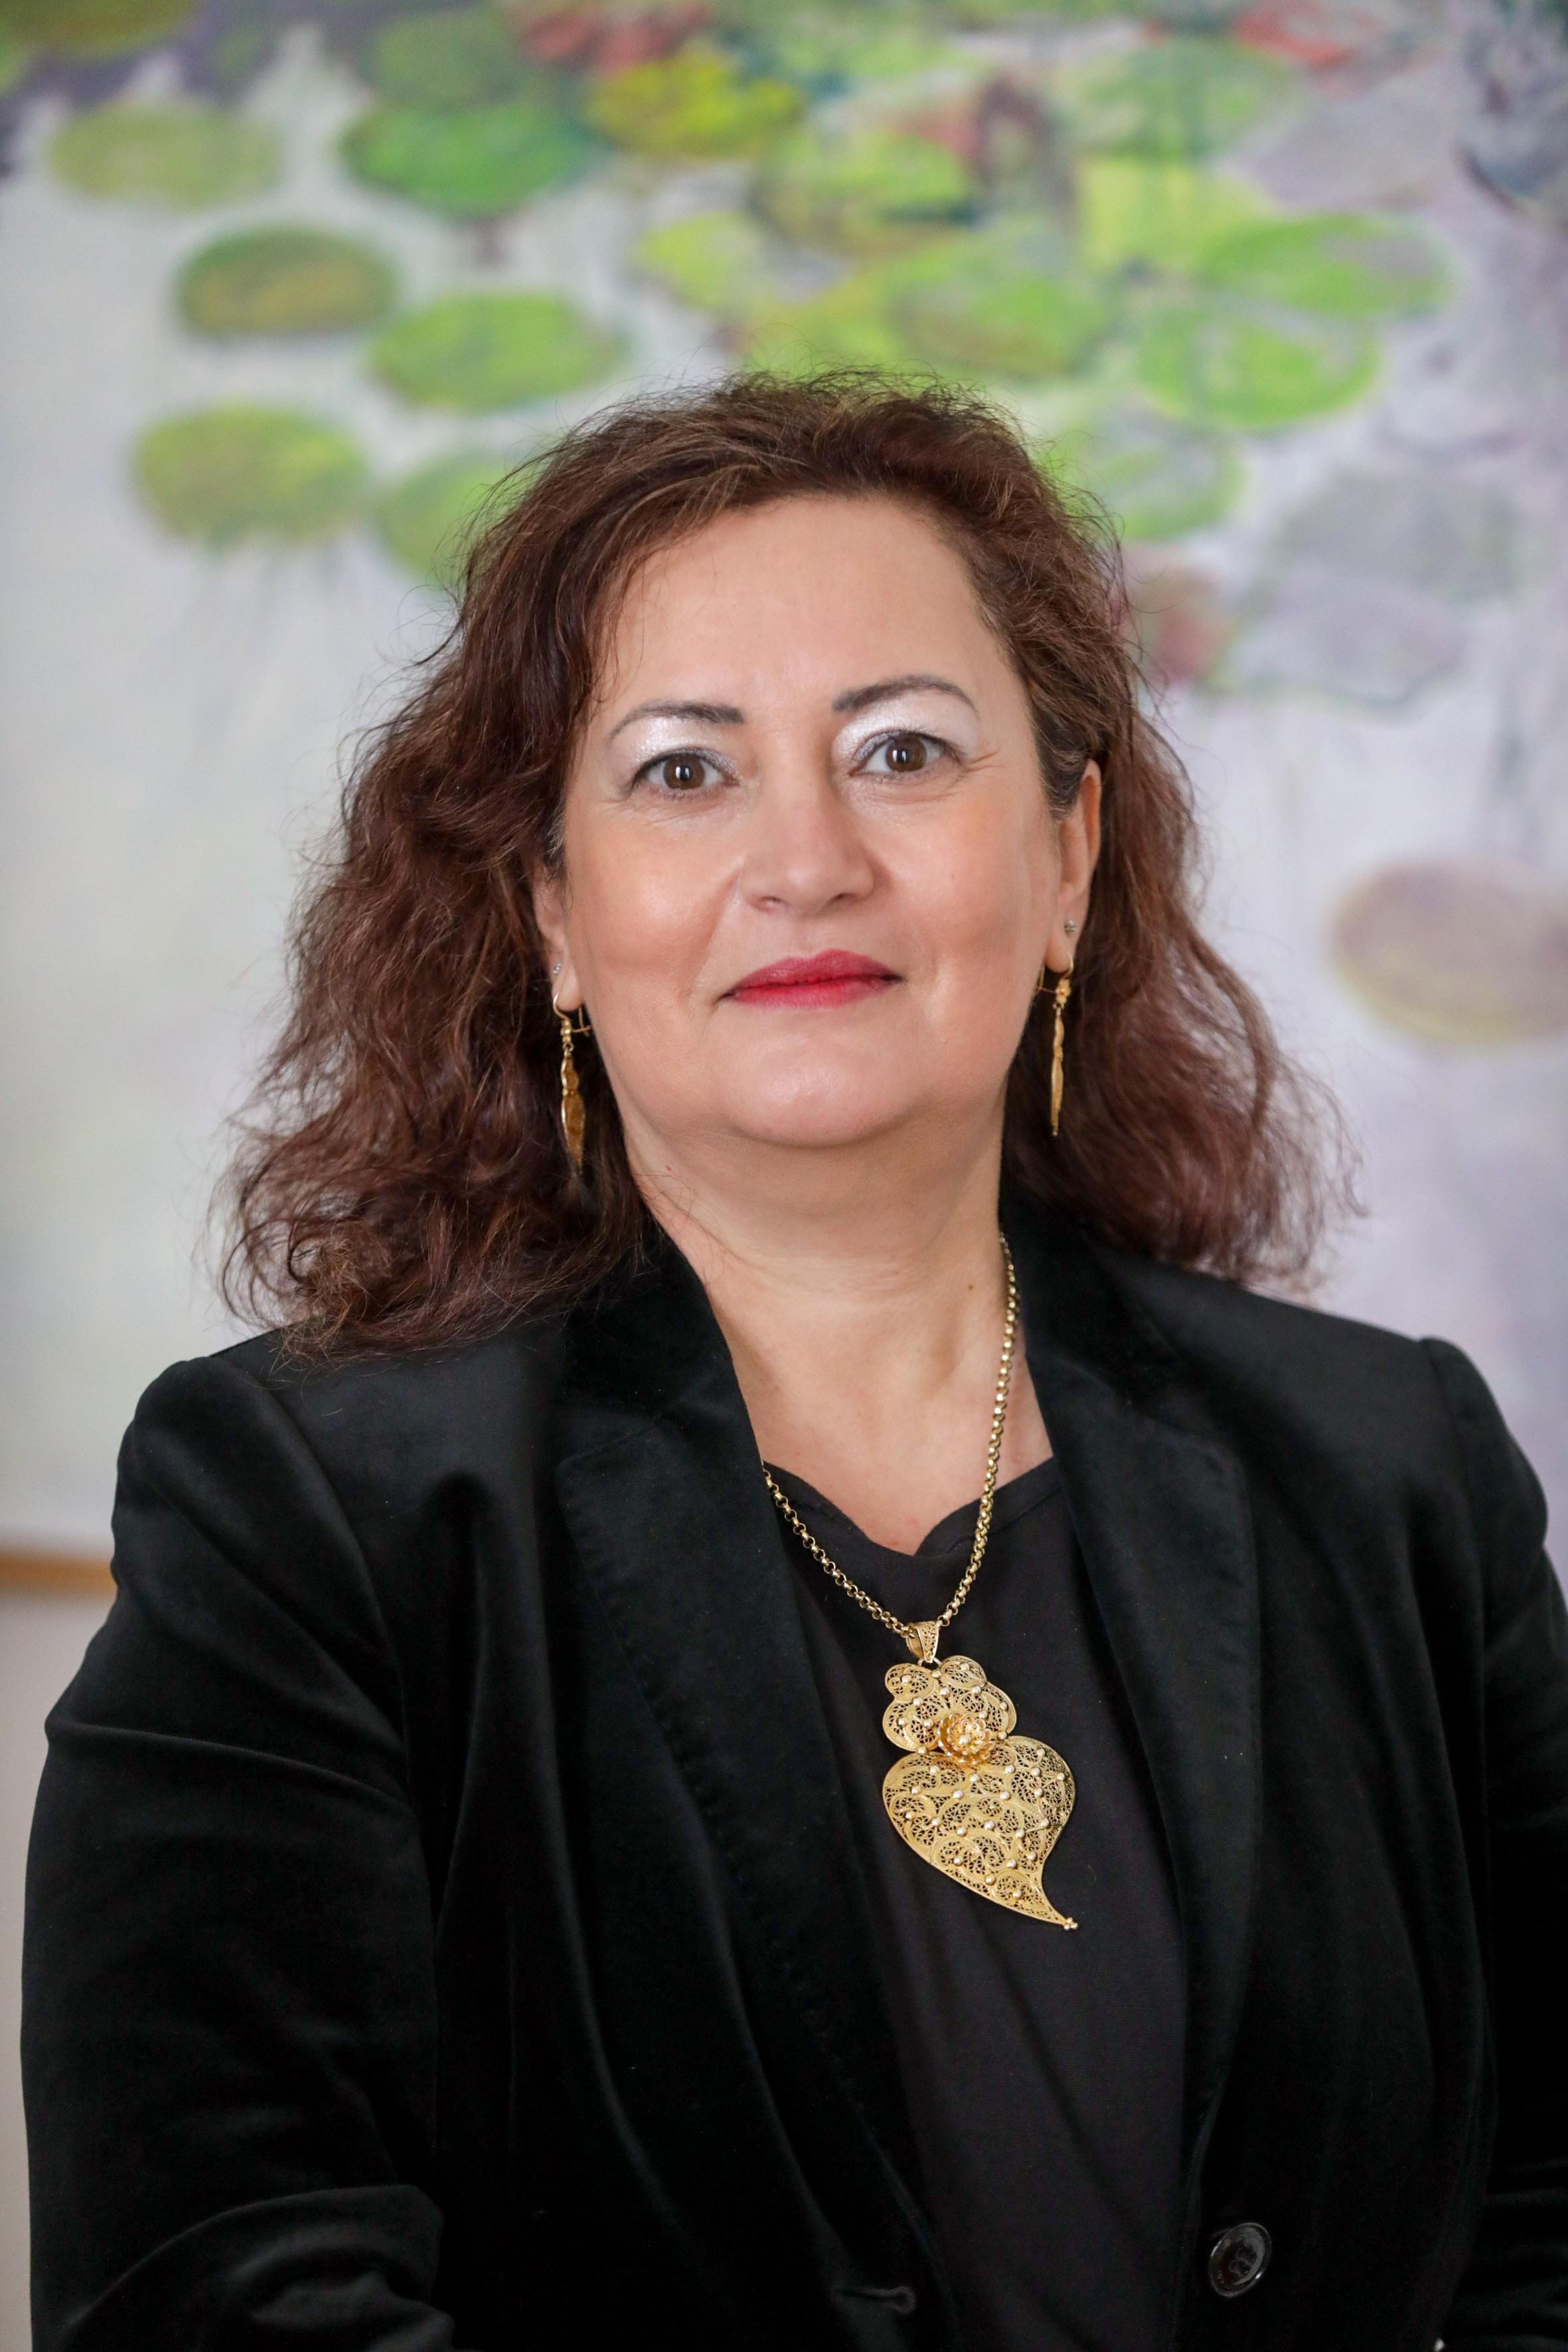 Célia Maria Machado Carreiro